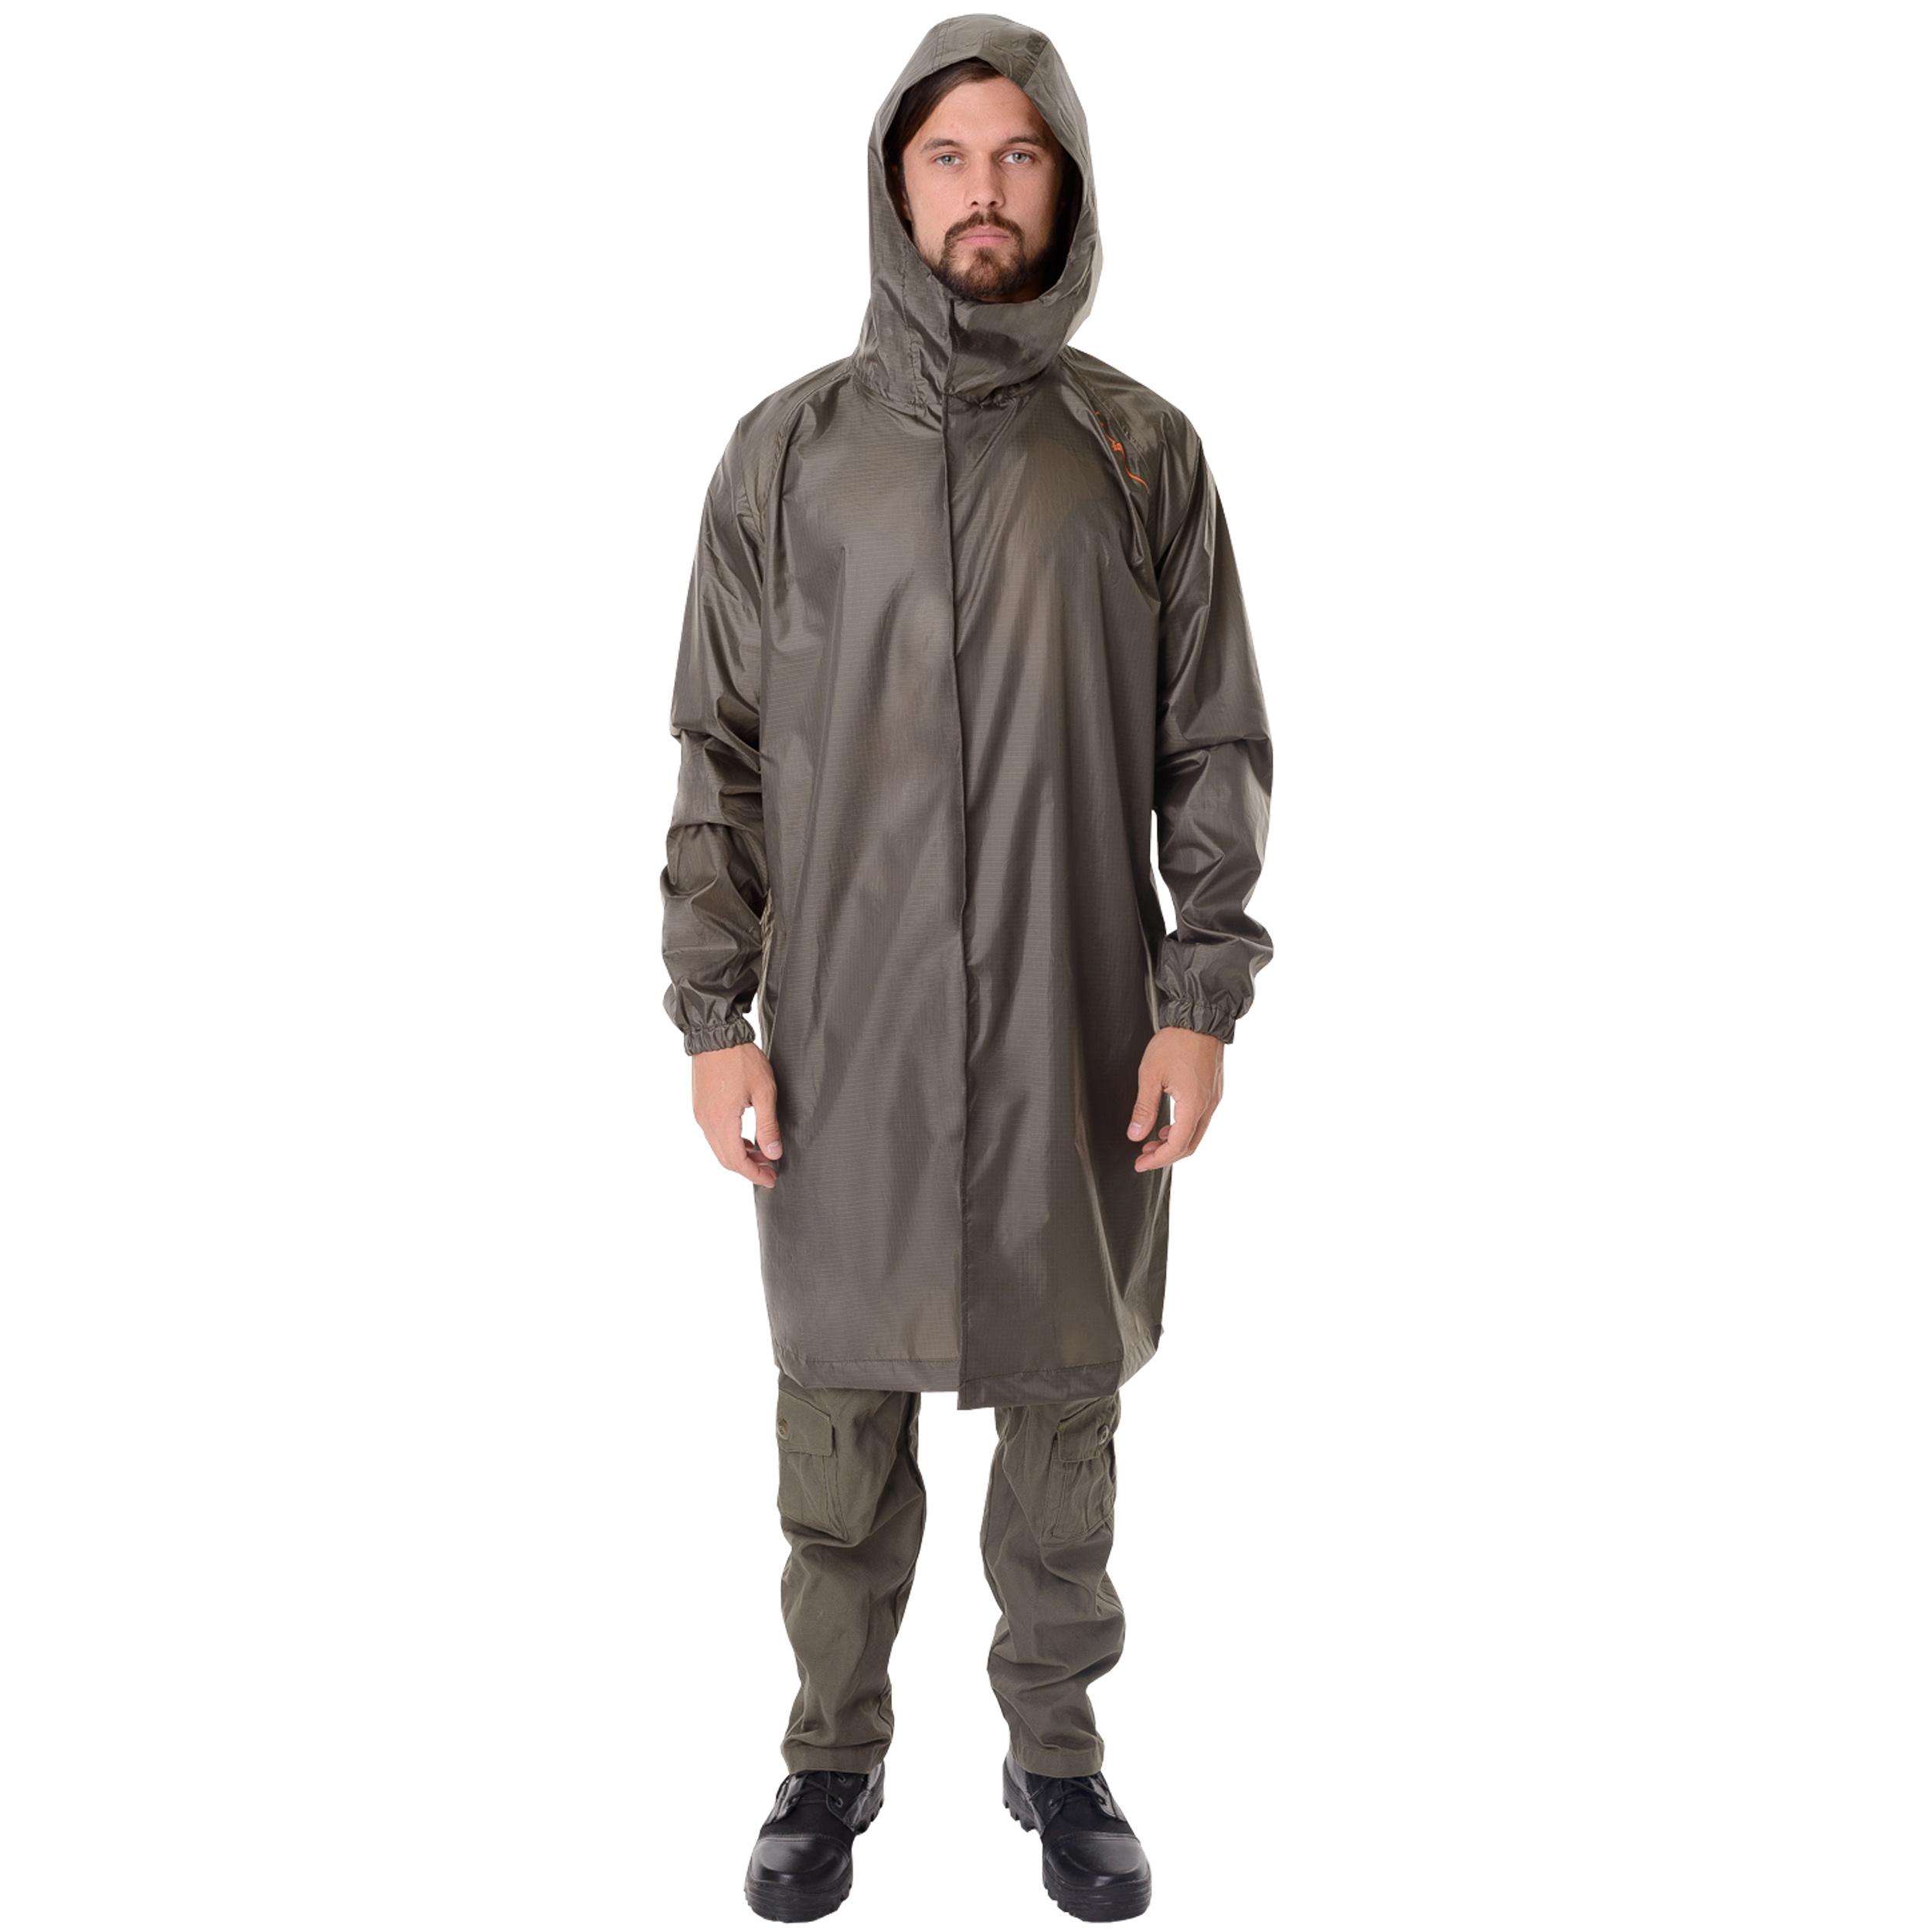 Плащ TRITON Рейн, Куртки - арт. 1129330156